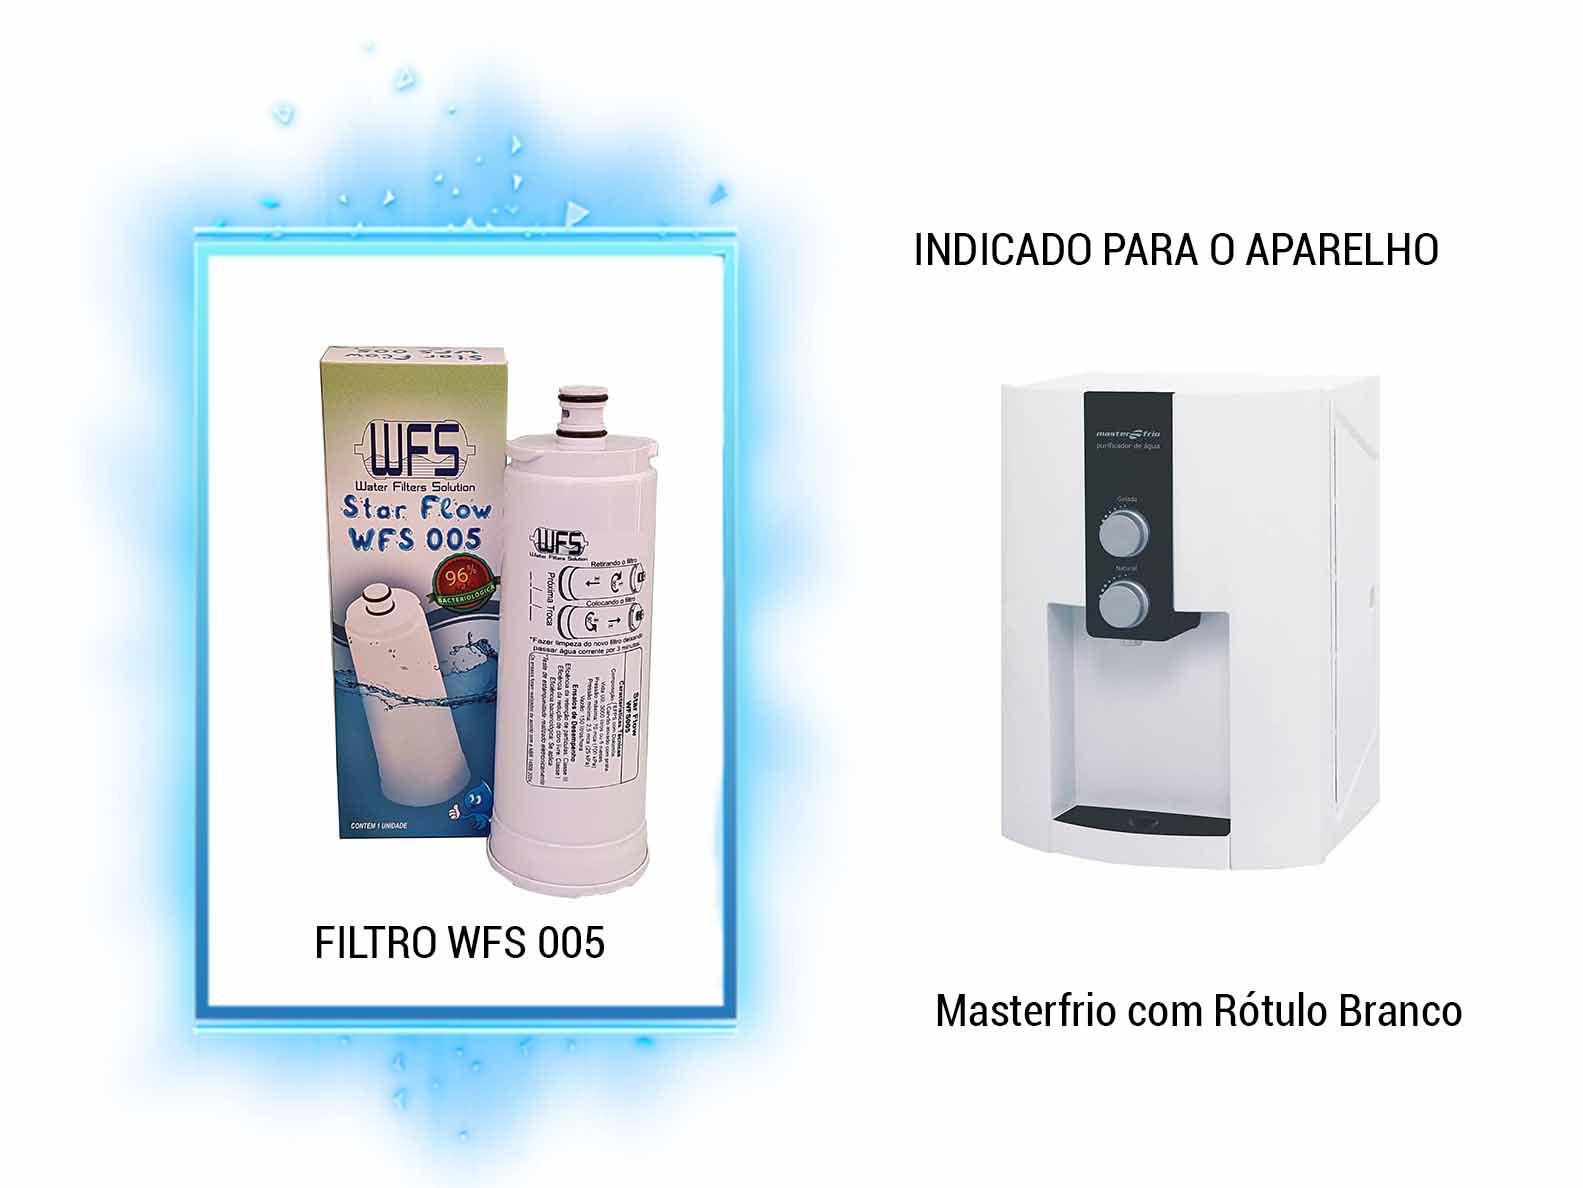 Filtro De Água Wfs005 Star Flow Comp. Master Frio